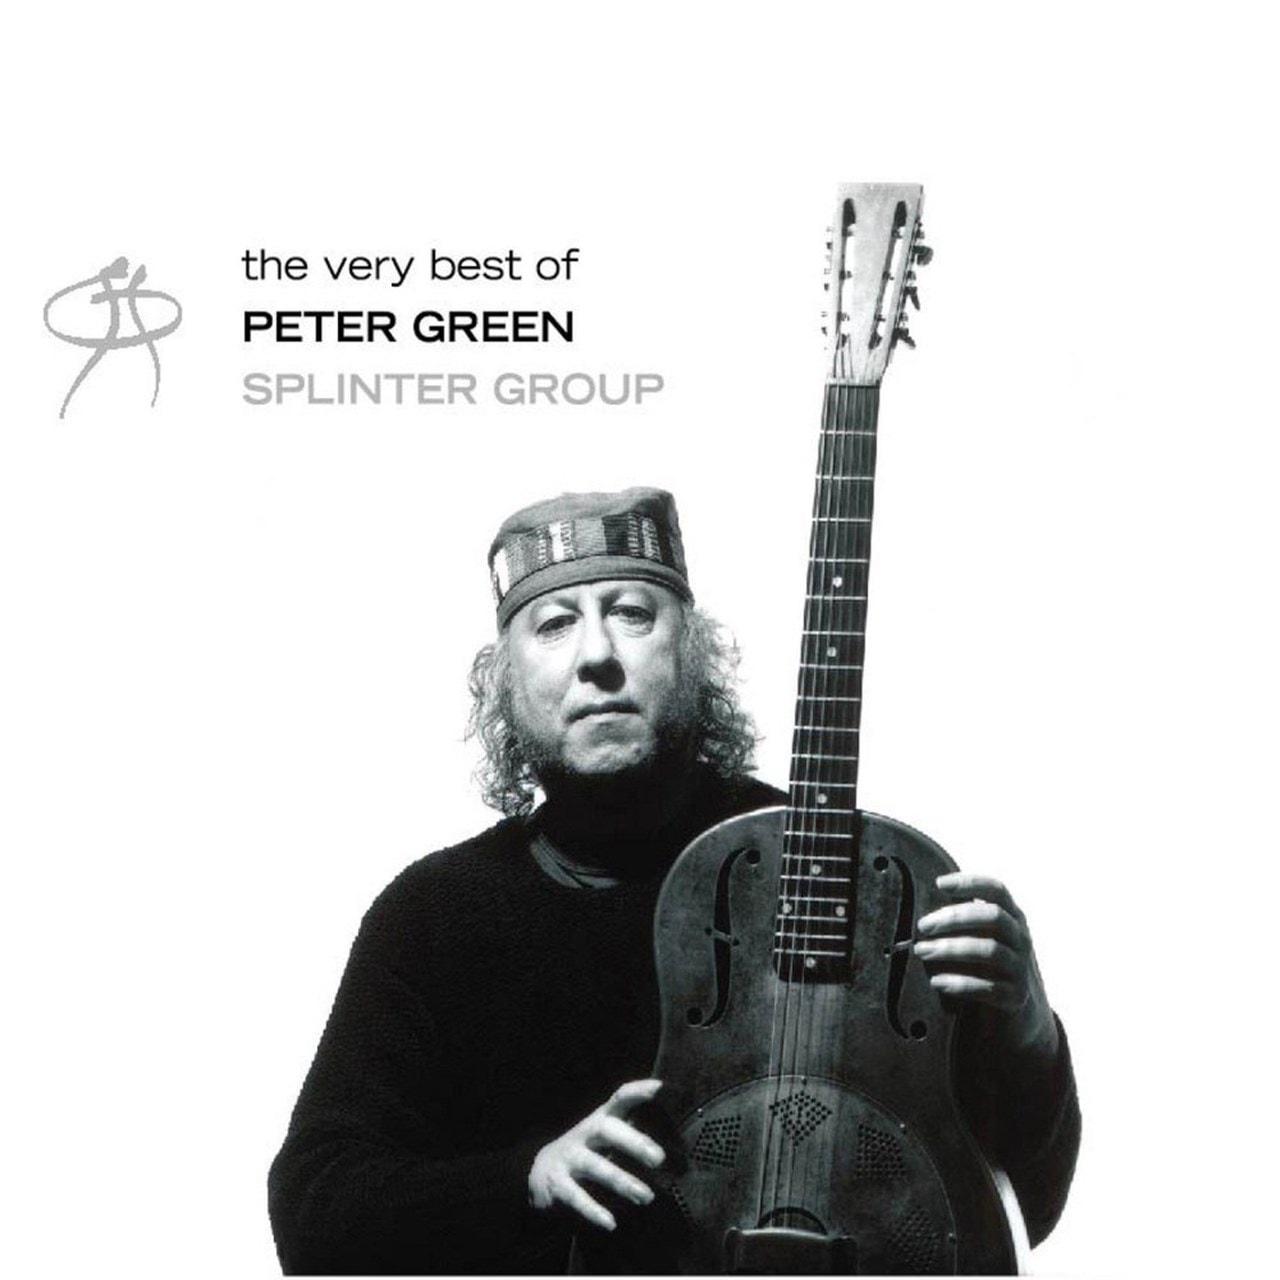 The Best of Peter Green Splinter Group - 1